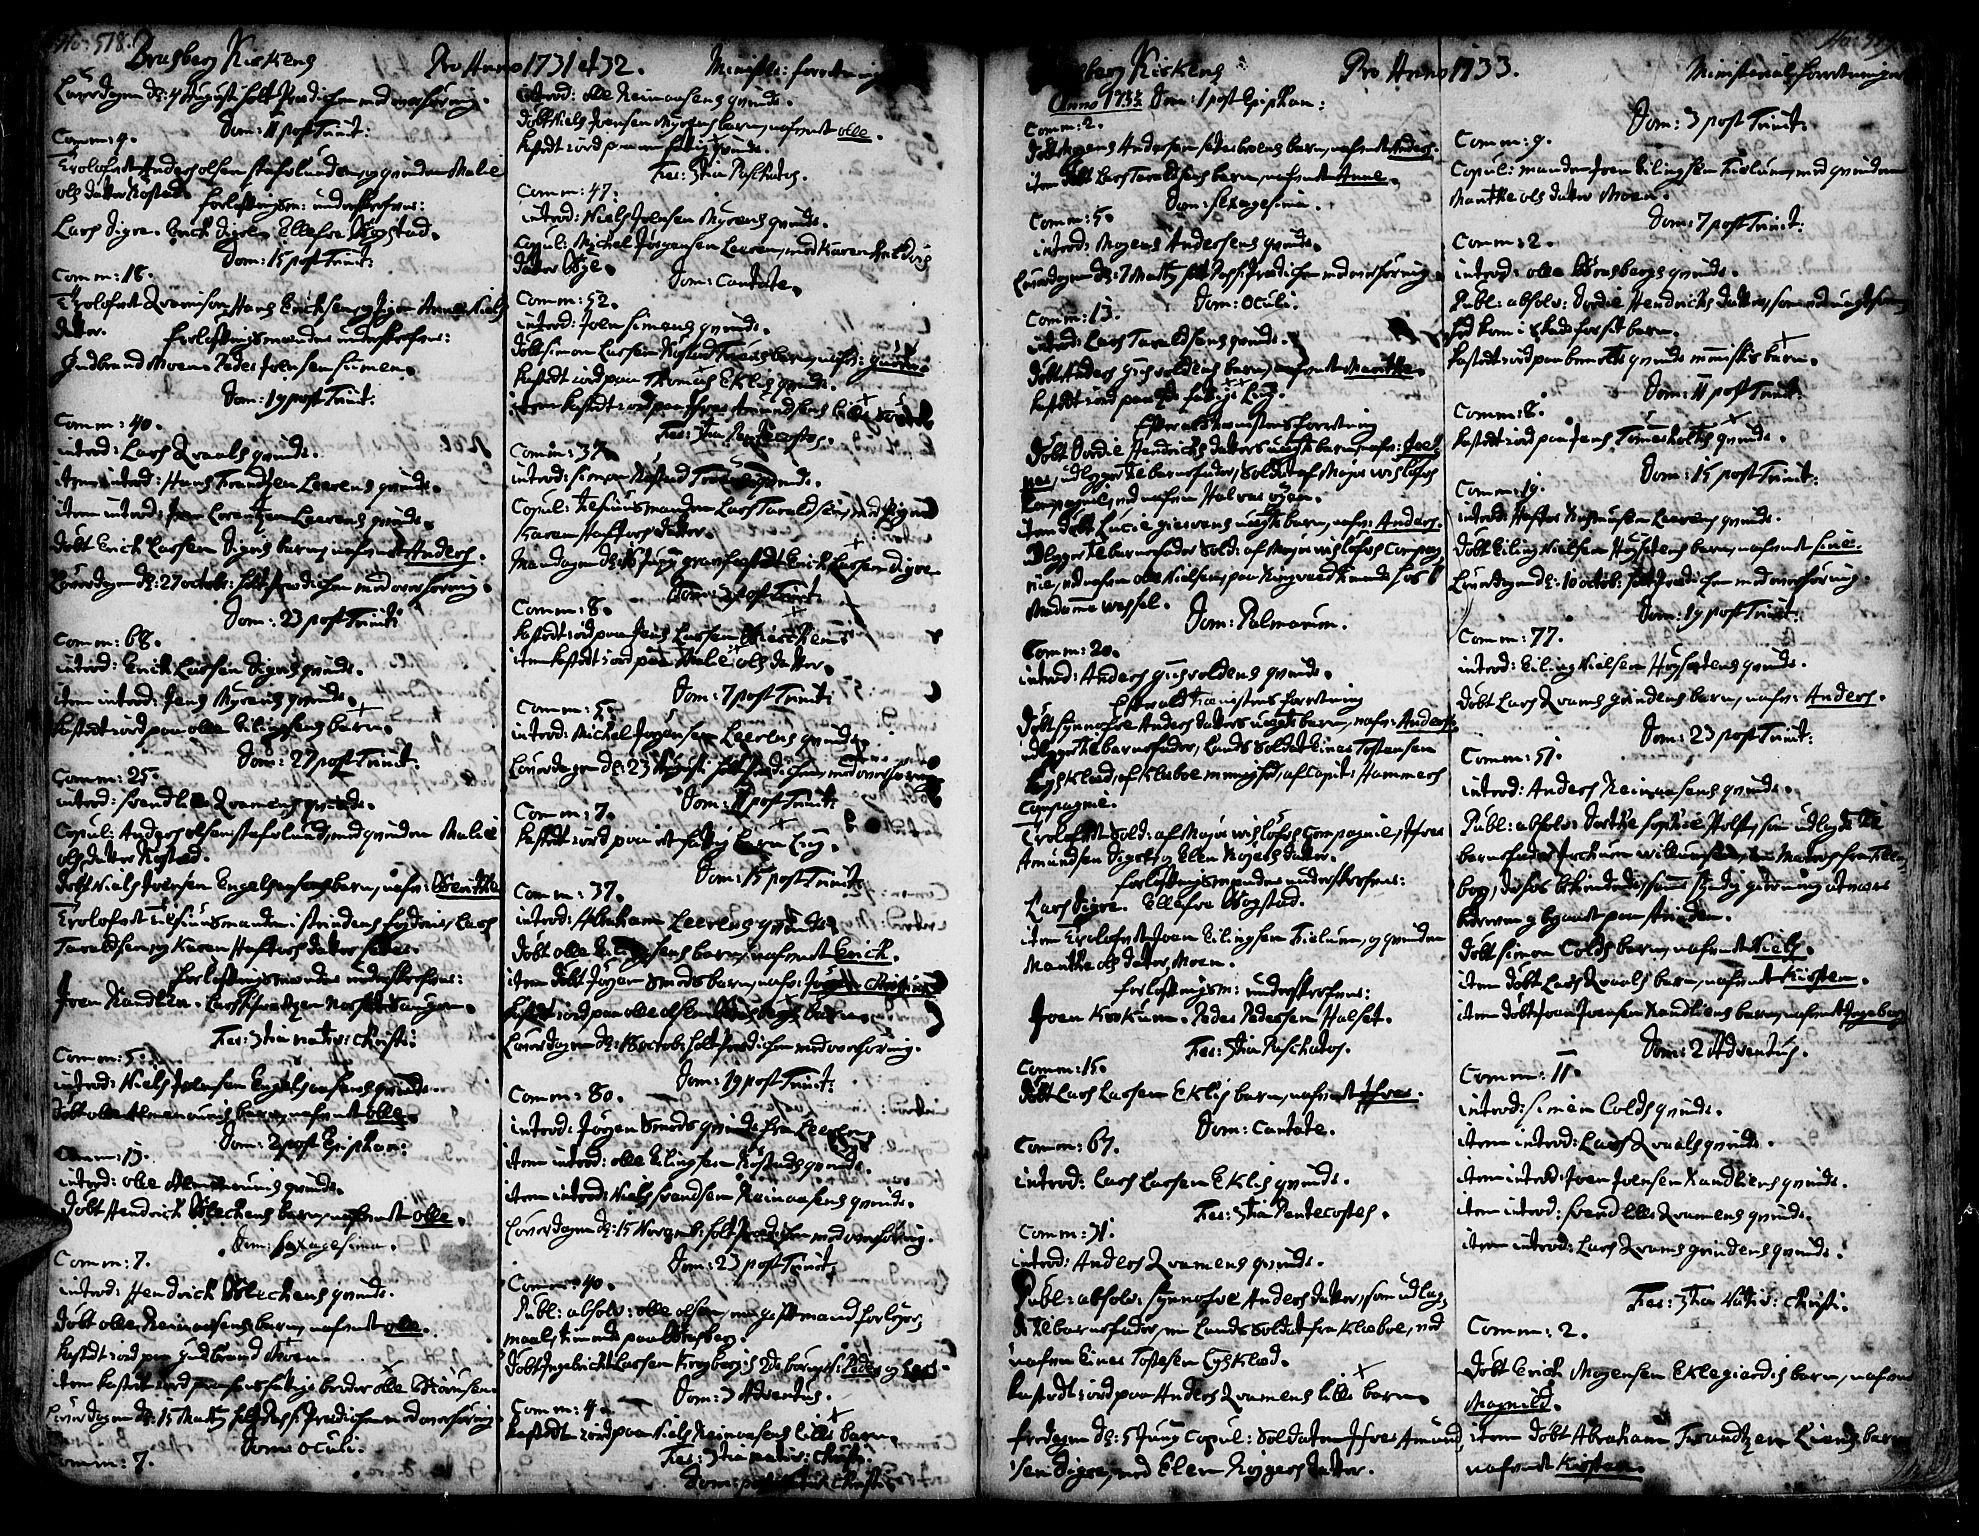 SAT, Ministerialprotokoller, klokkerbøker og fødselsregistre - Sør-Trøndelag, 606/L0278: Ministerialbok nr. 606A01 /4, 1727-1780, s. 518-519